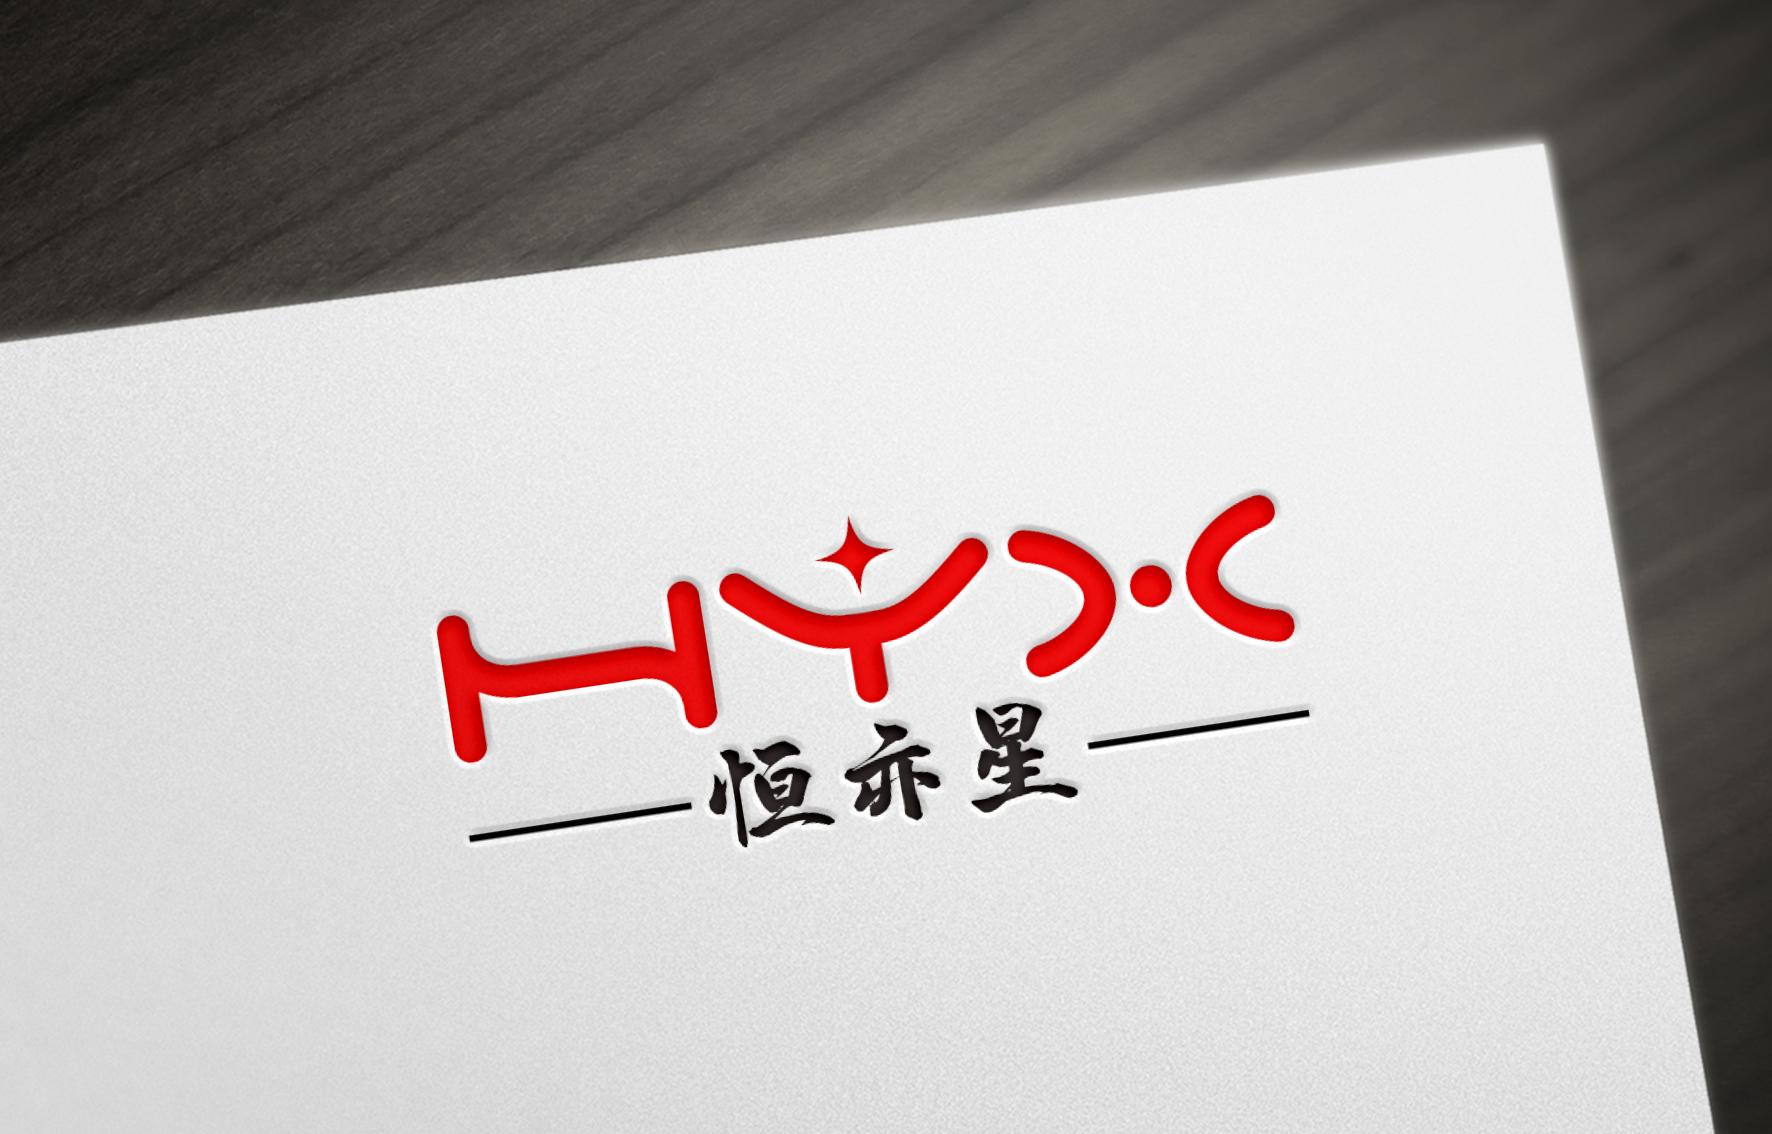 恒亦星广告传媒logo设计_3036784_k68威客网